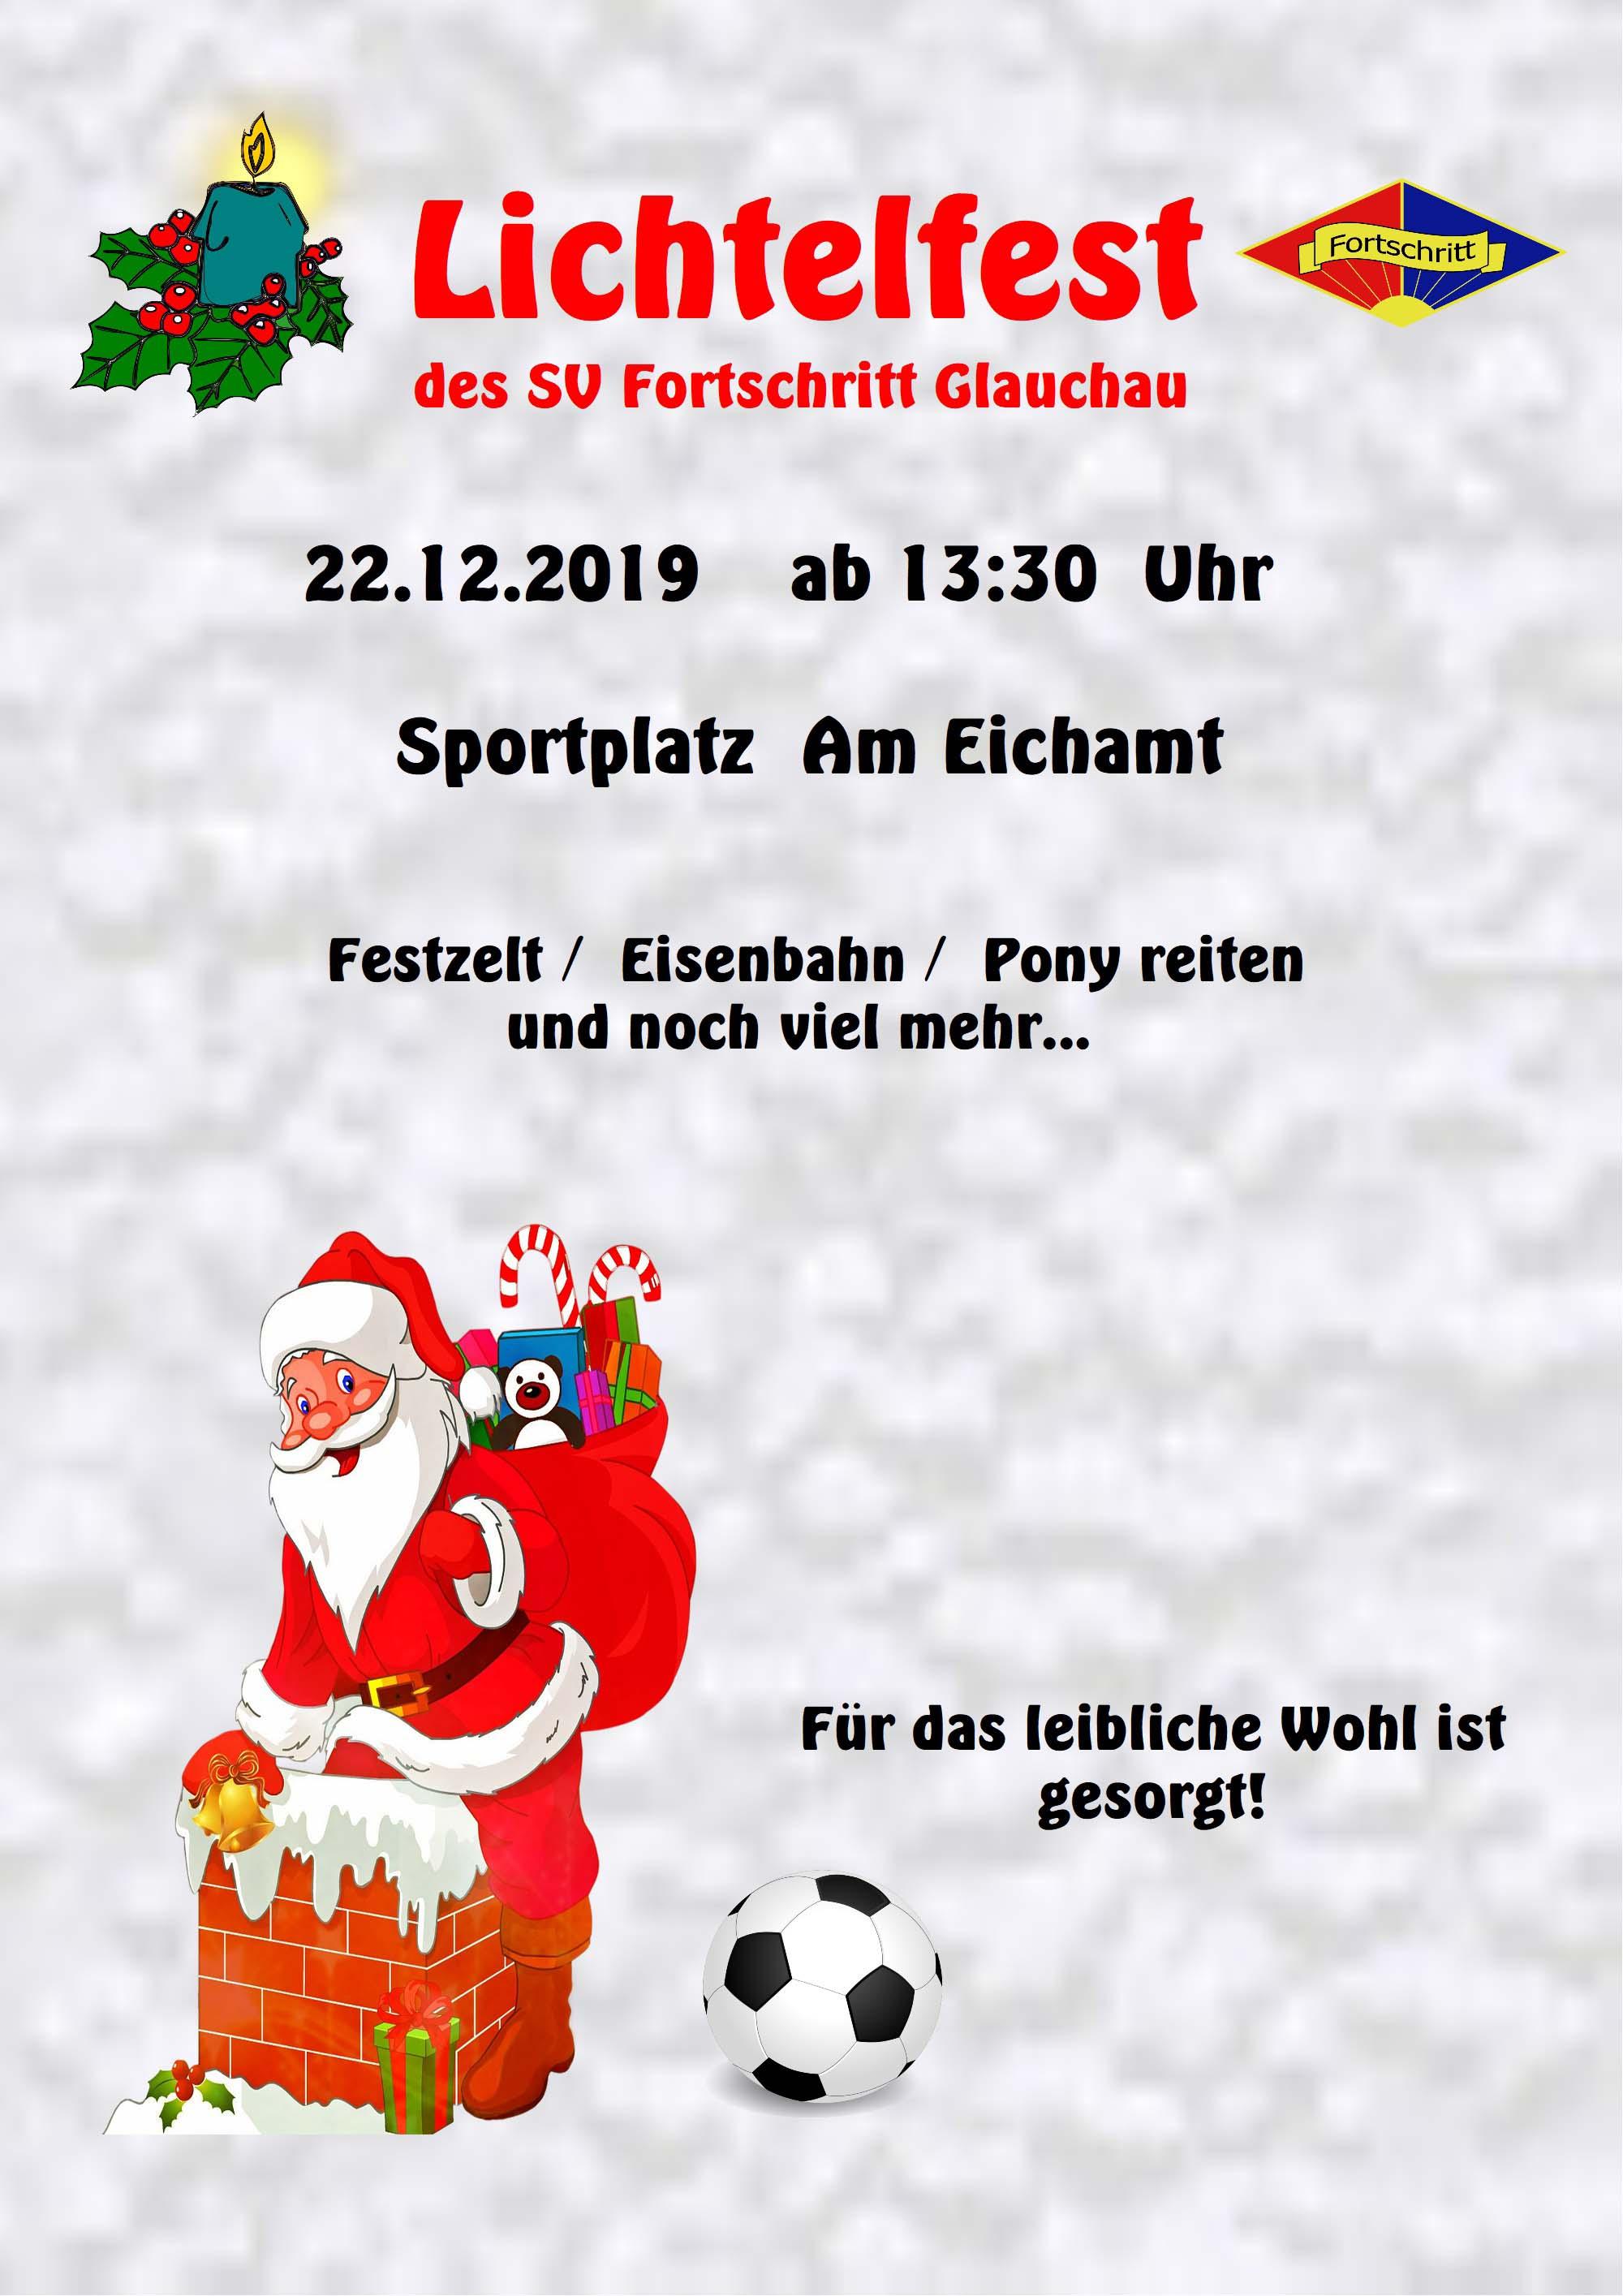 plakat Lichtelfest 2019